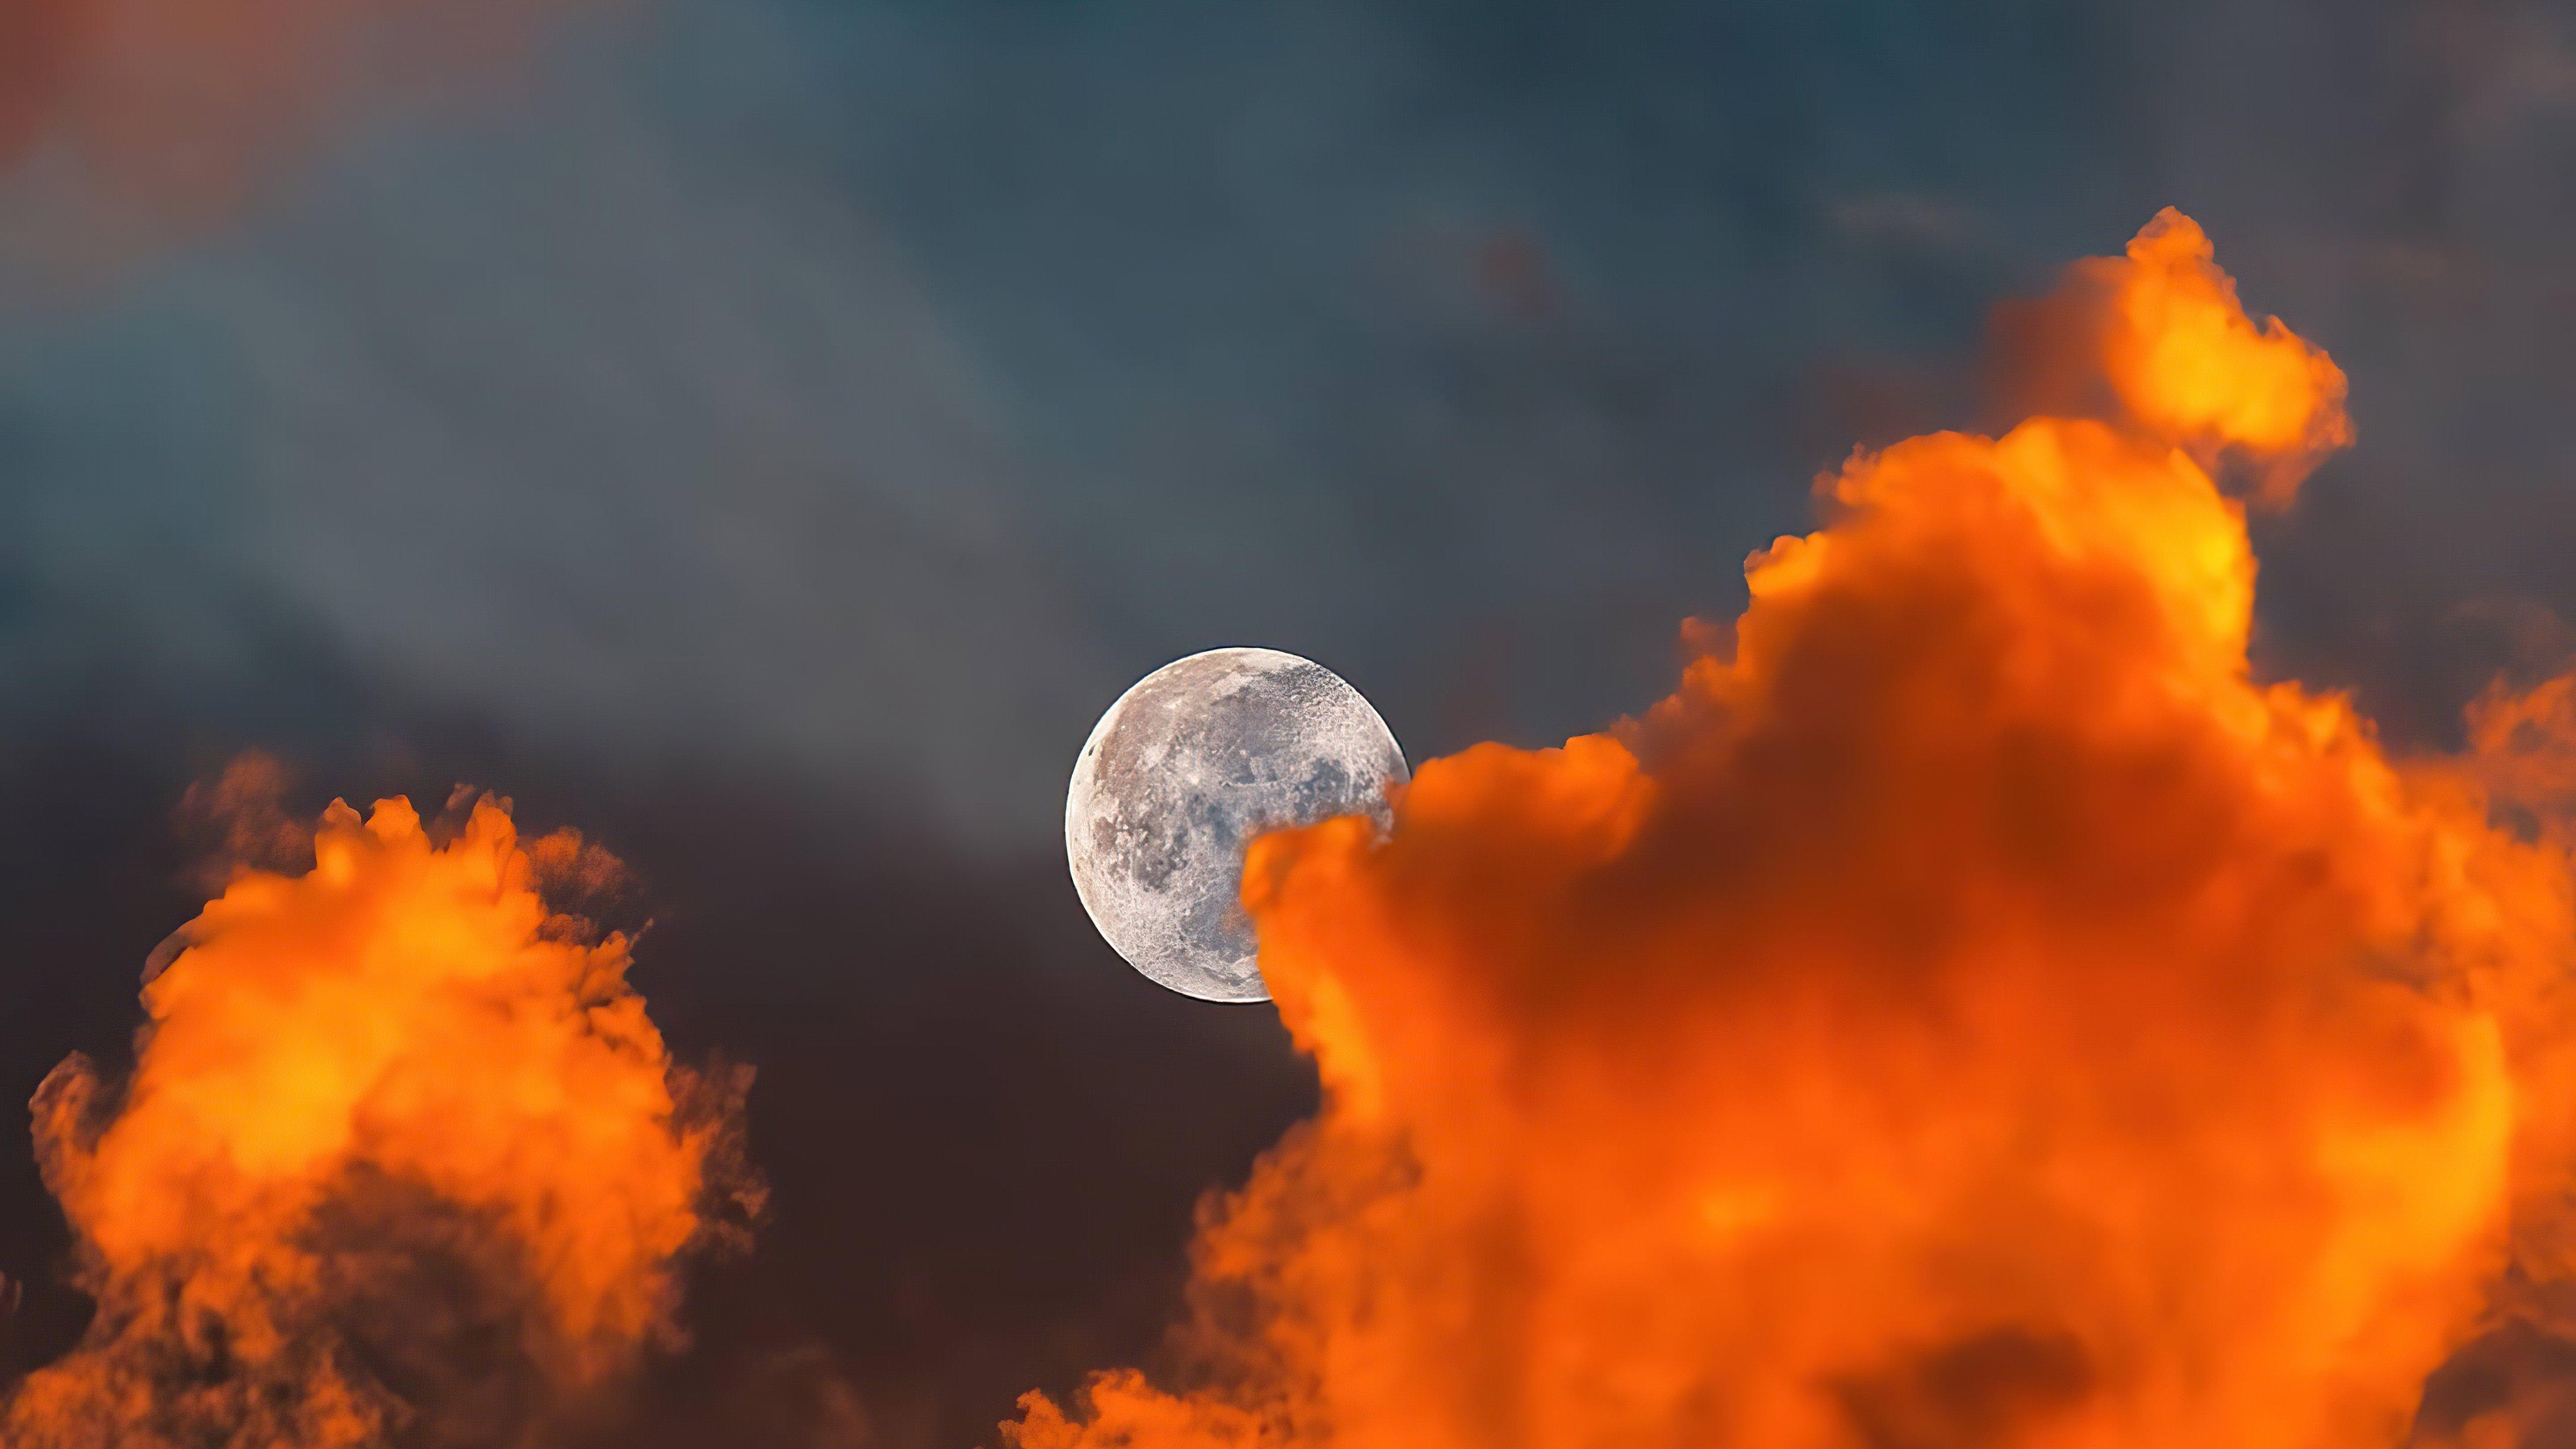 Fondos de pantalla La luna detras de nubes